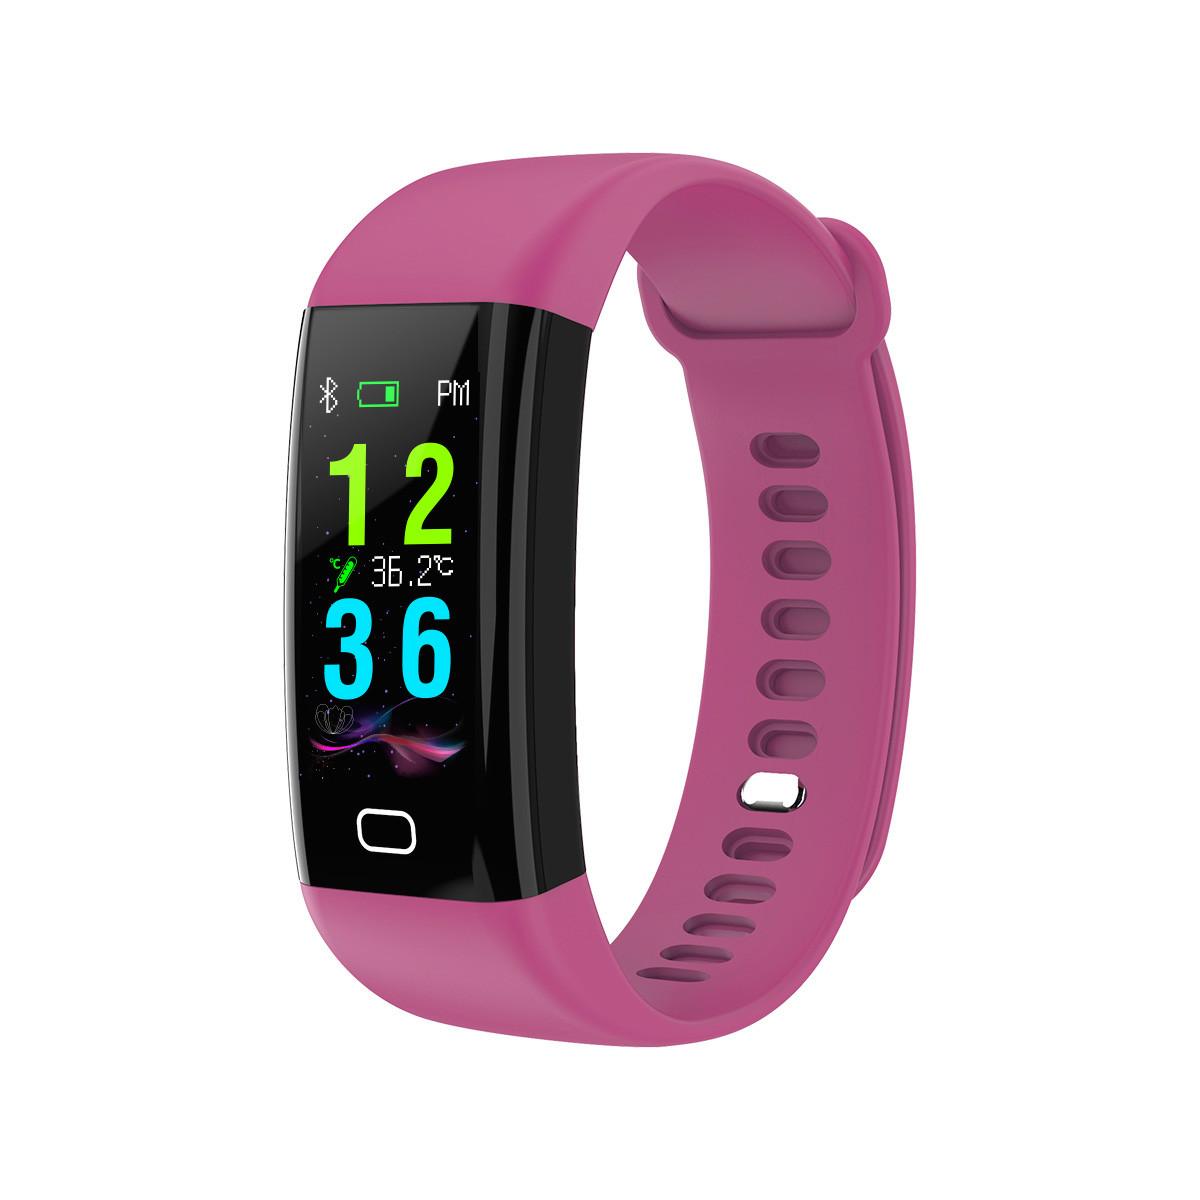 Умный фитнес браслет Lemfo F07 Health с измерением температуры (Фиолетовый)